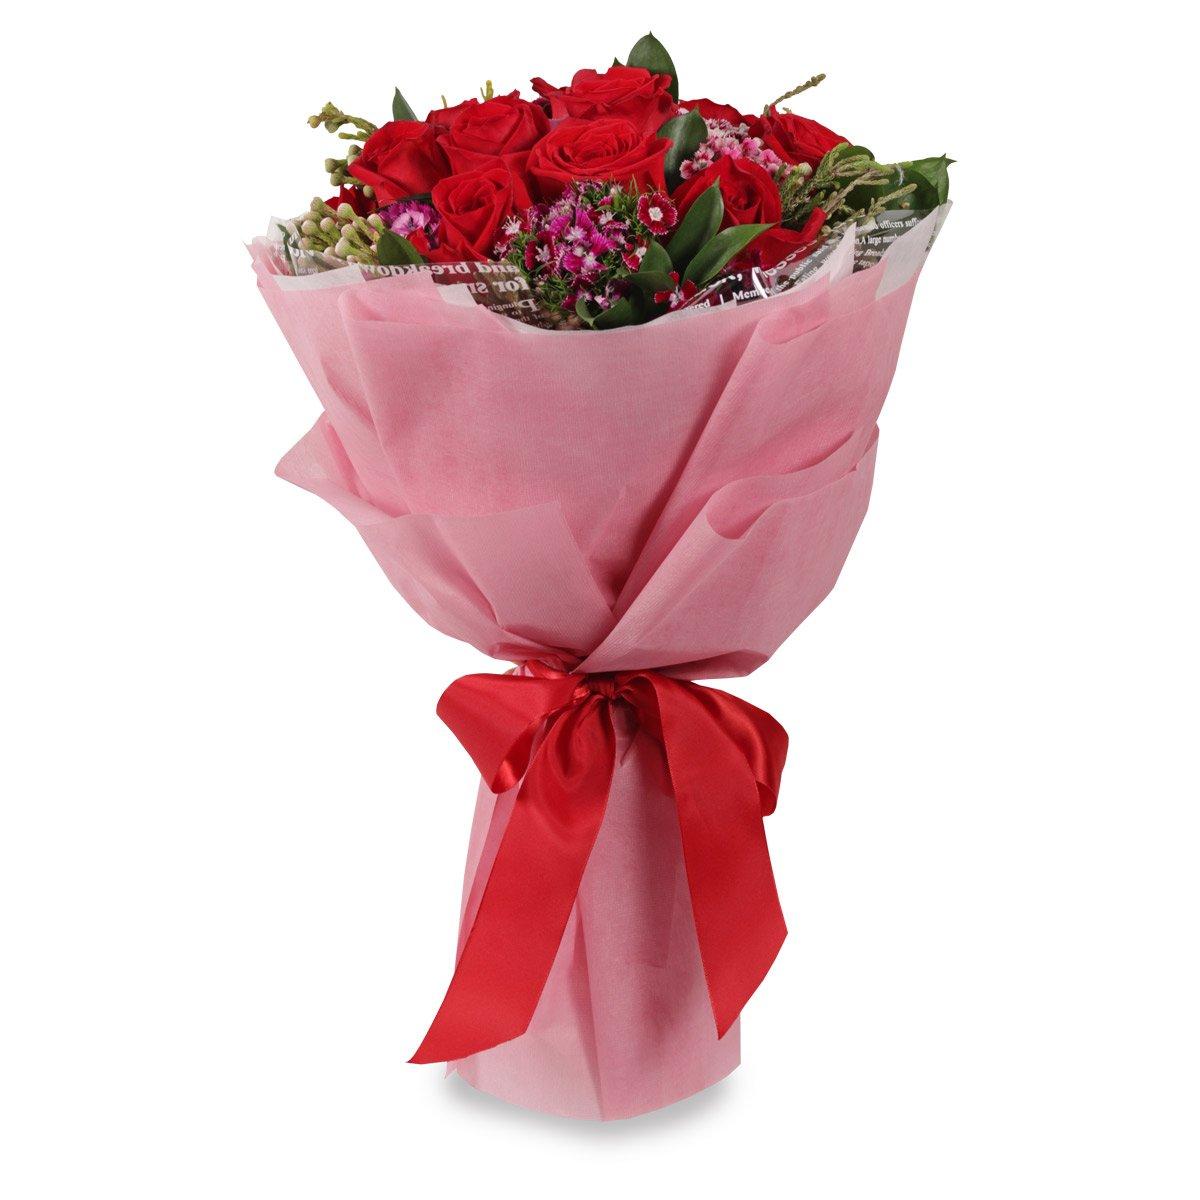 VD1705 12 stalks round bouquet